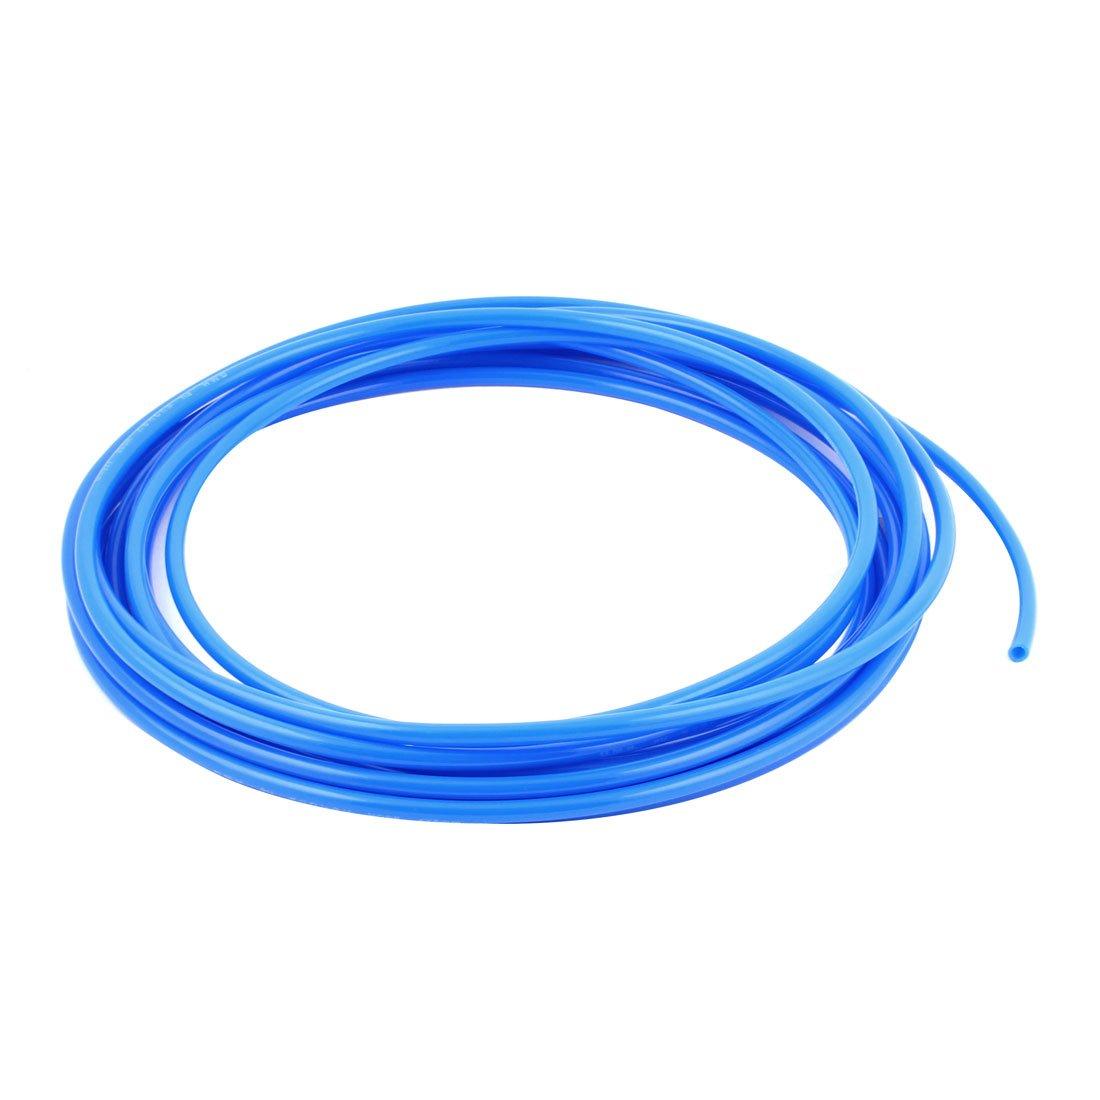 sourcingmap® Tubo Pu Línea Manguera Azul de 25 Pies 4X6mm Compresor de Aire de Gas, Combustible, Gasolina, Diésel: Amazon.es: Bricolaje y herramientas